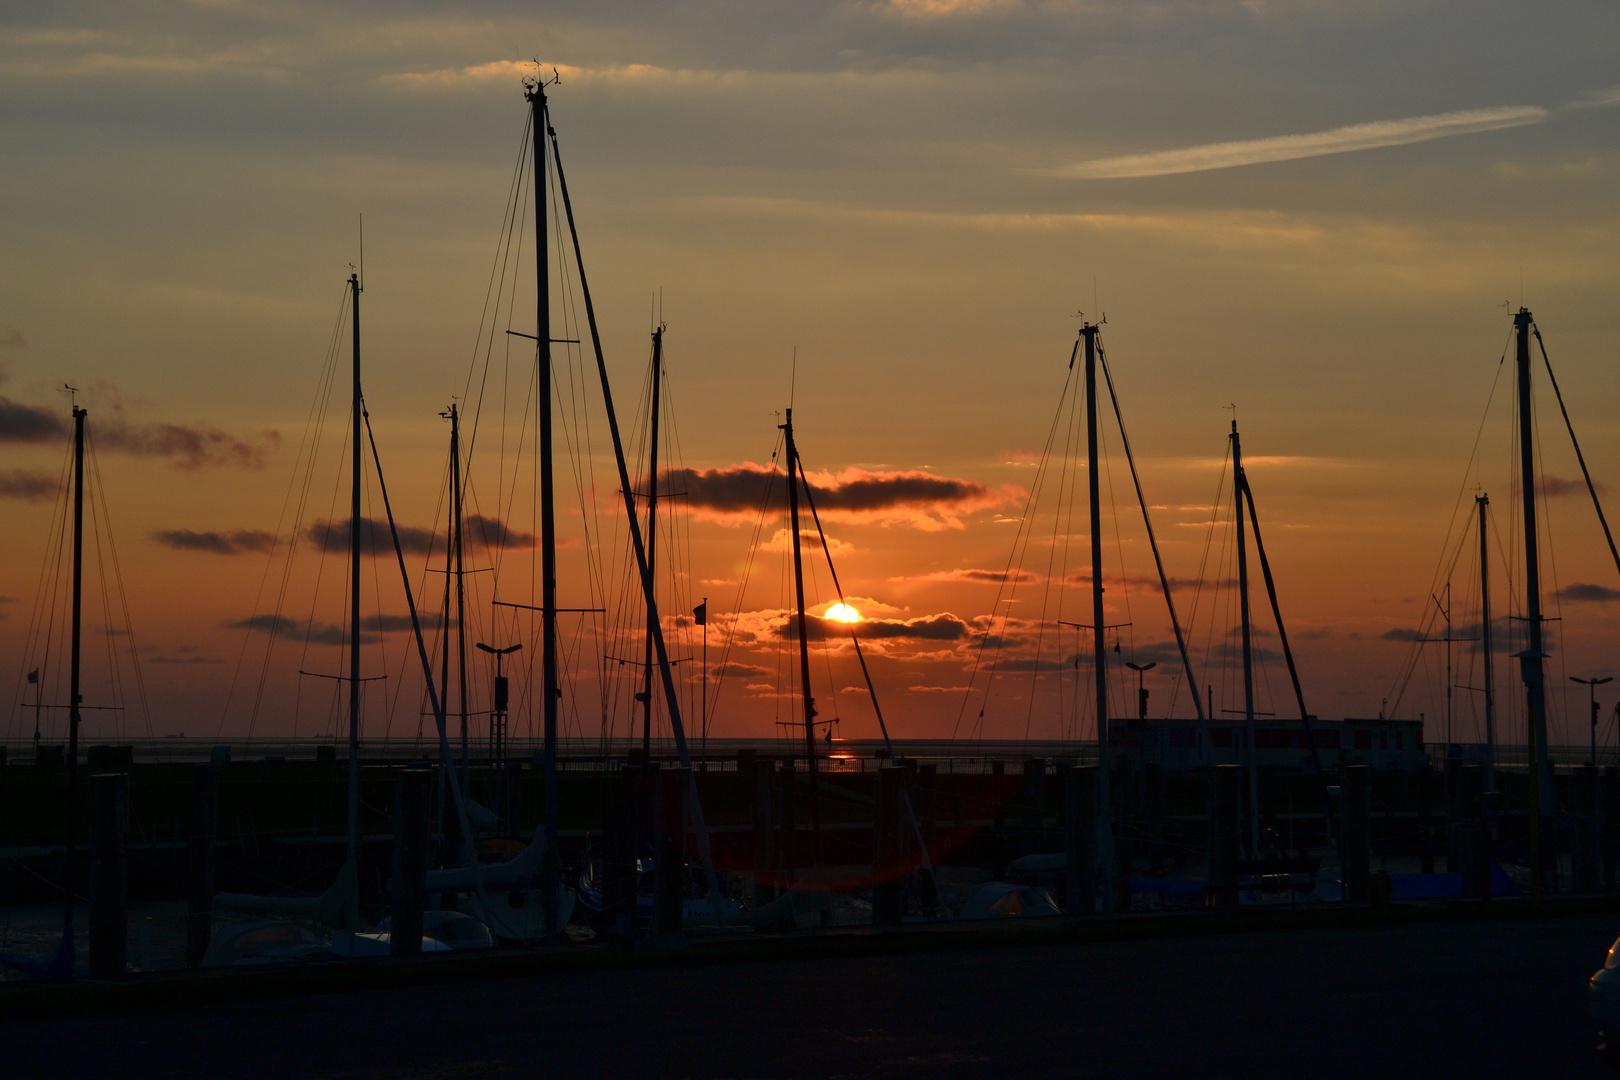 Abends im Kutterhafen...